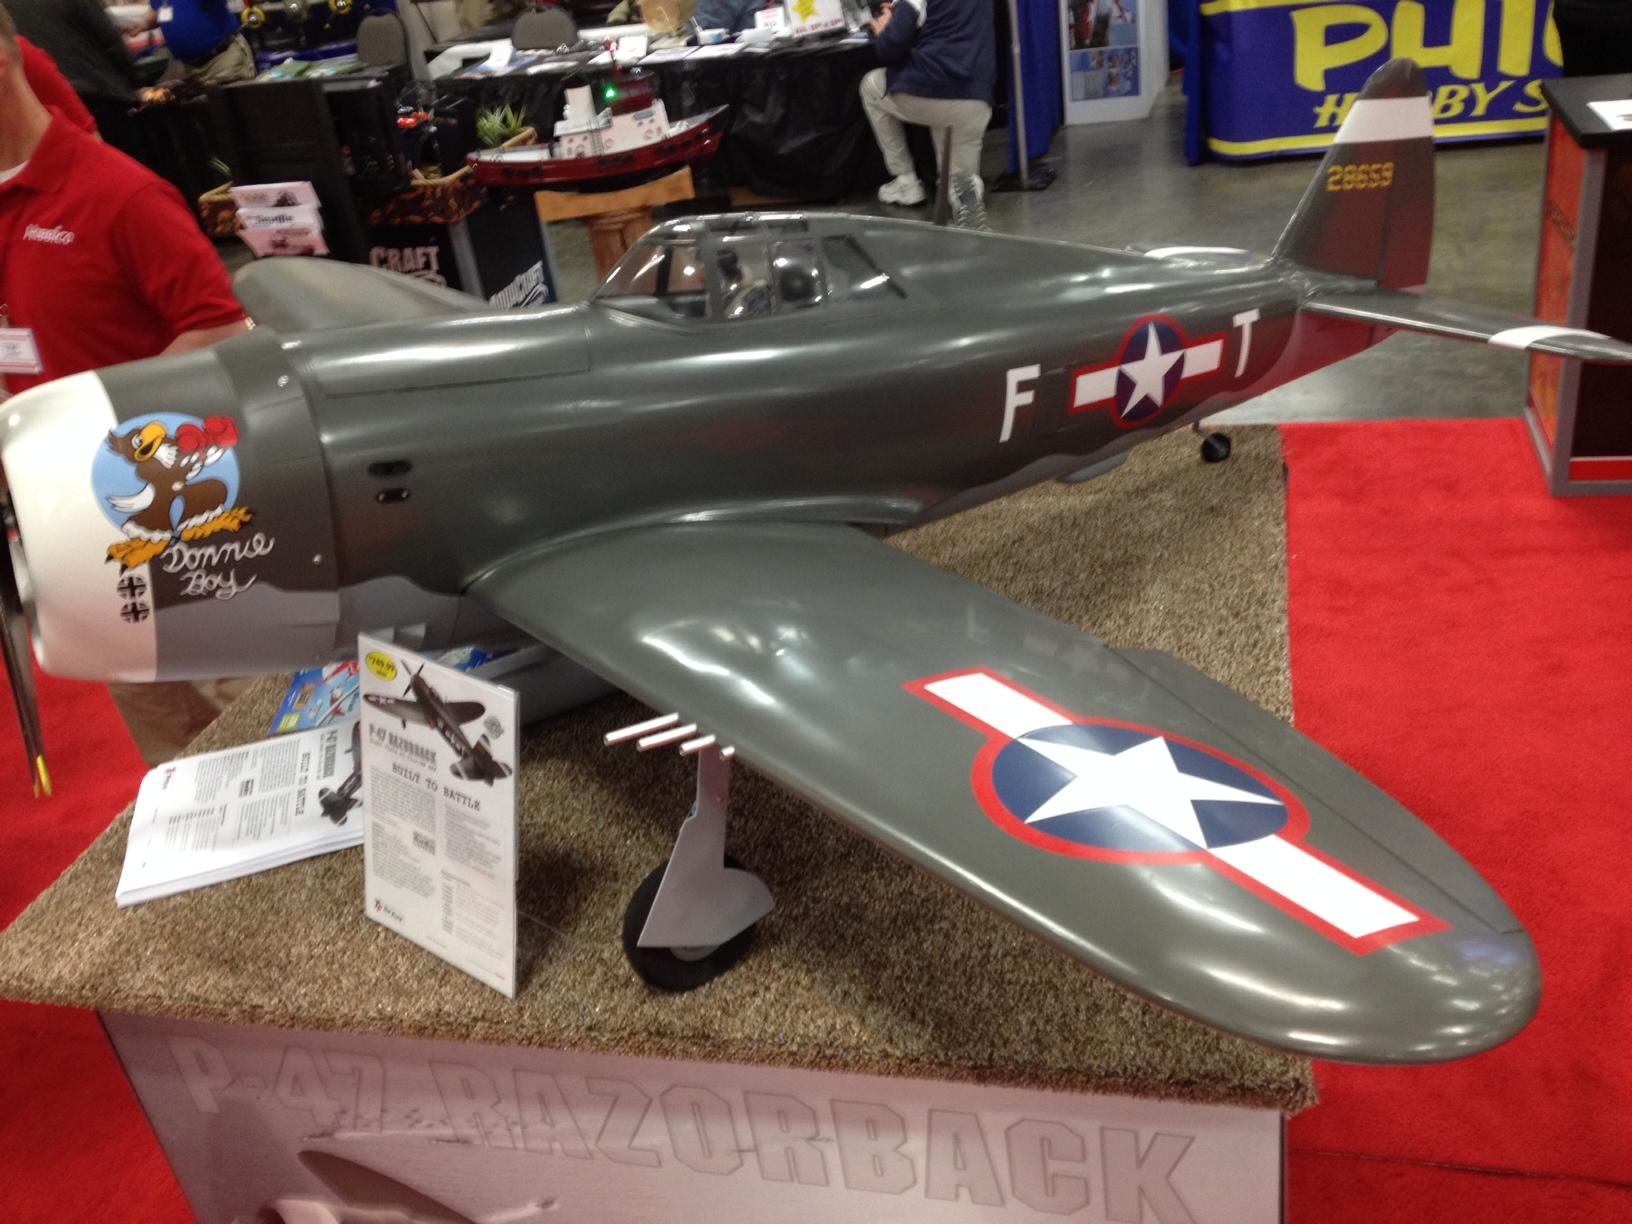 P-47 Thunderbolt Razorback from Top Flight